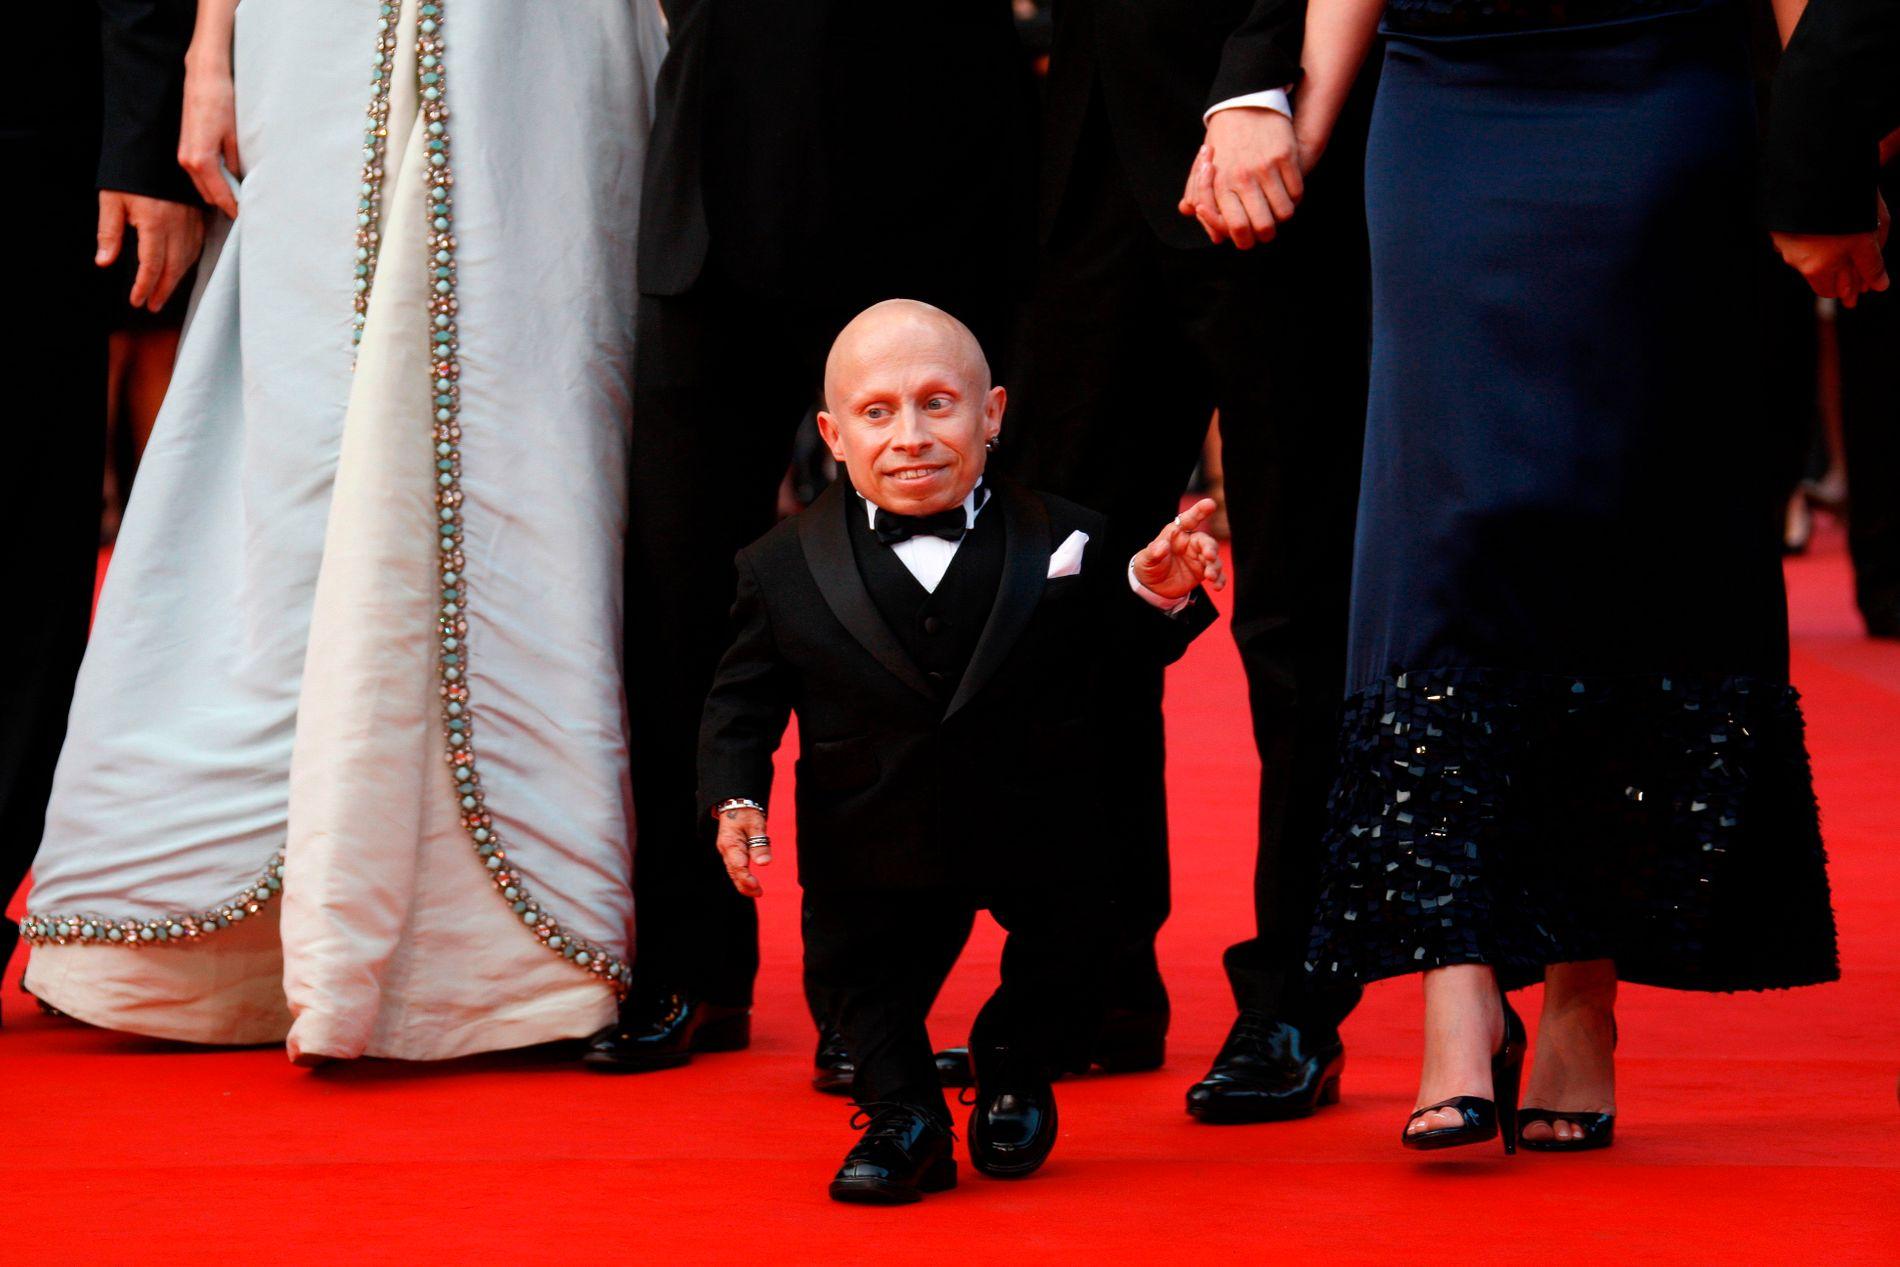 RØD LØPER: Verne Troyer på den røde løperen på filmfestivalen i Cannes i mai 2009.